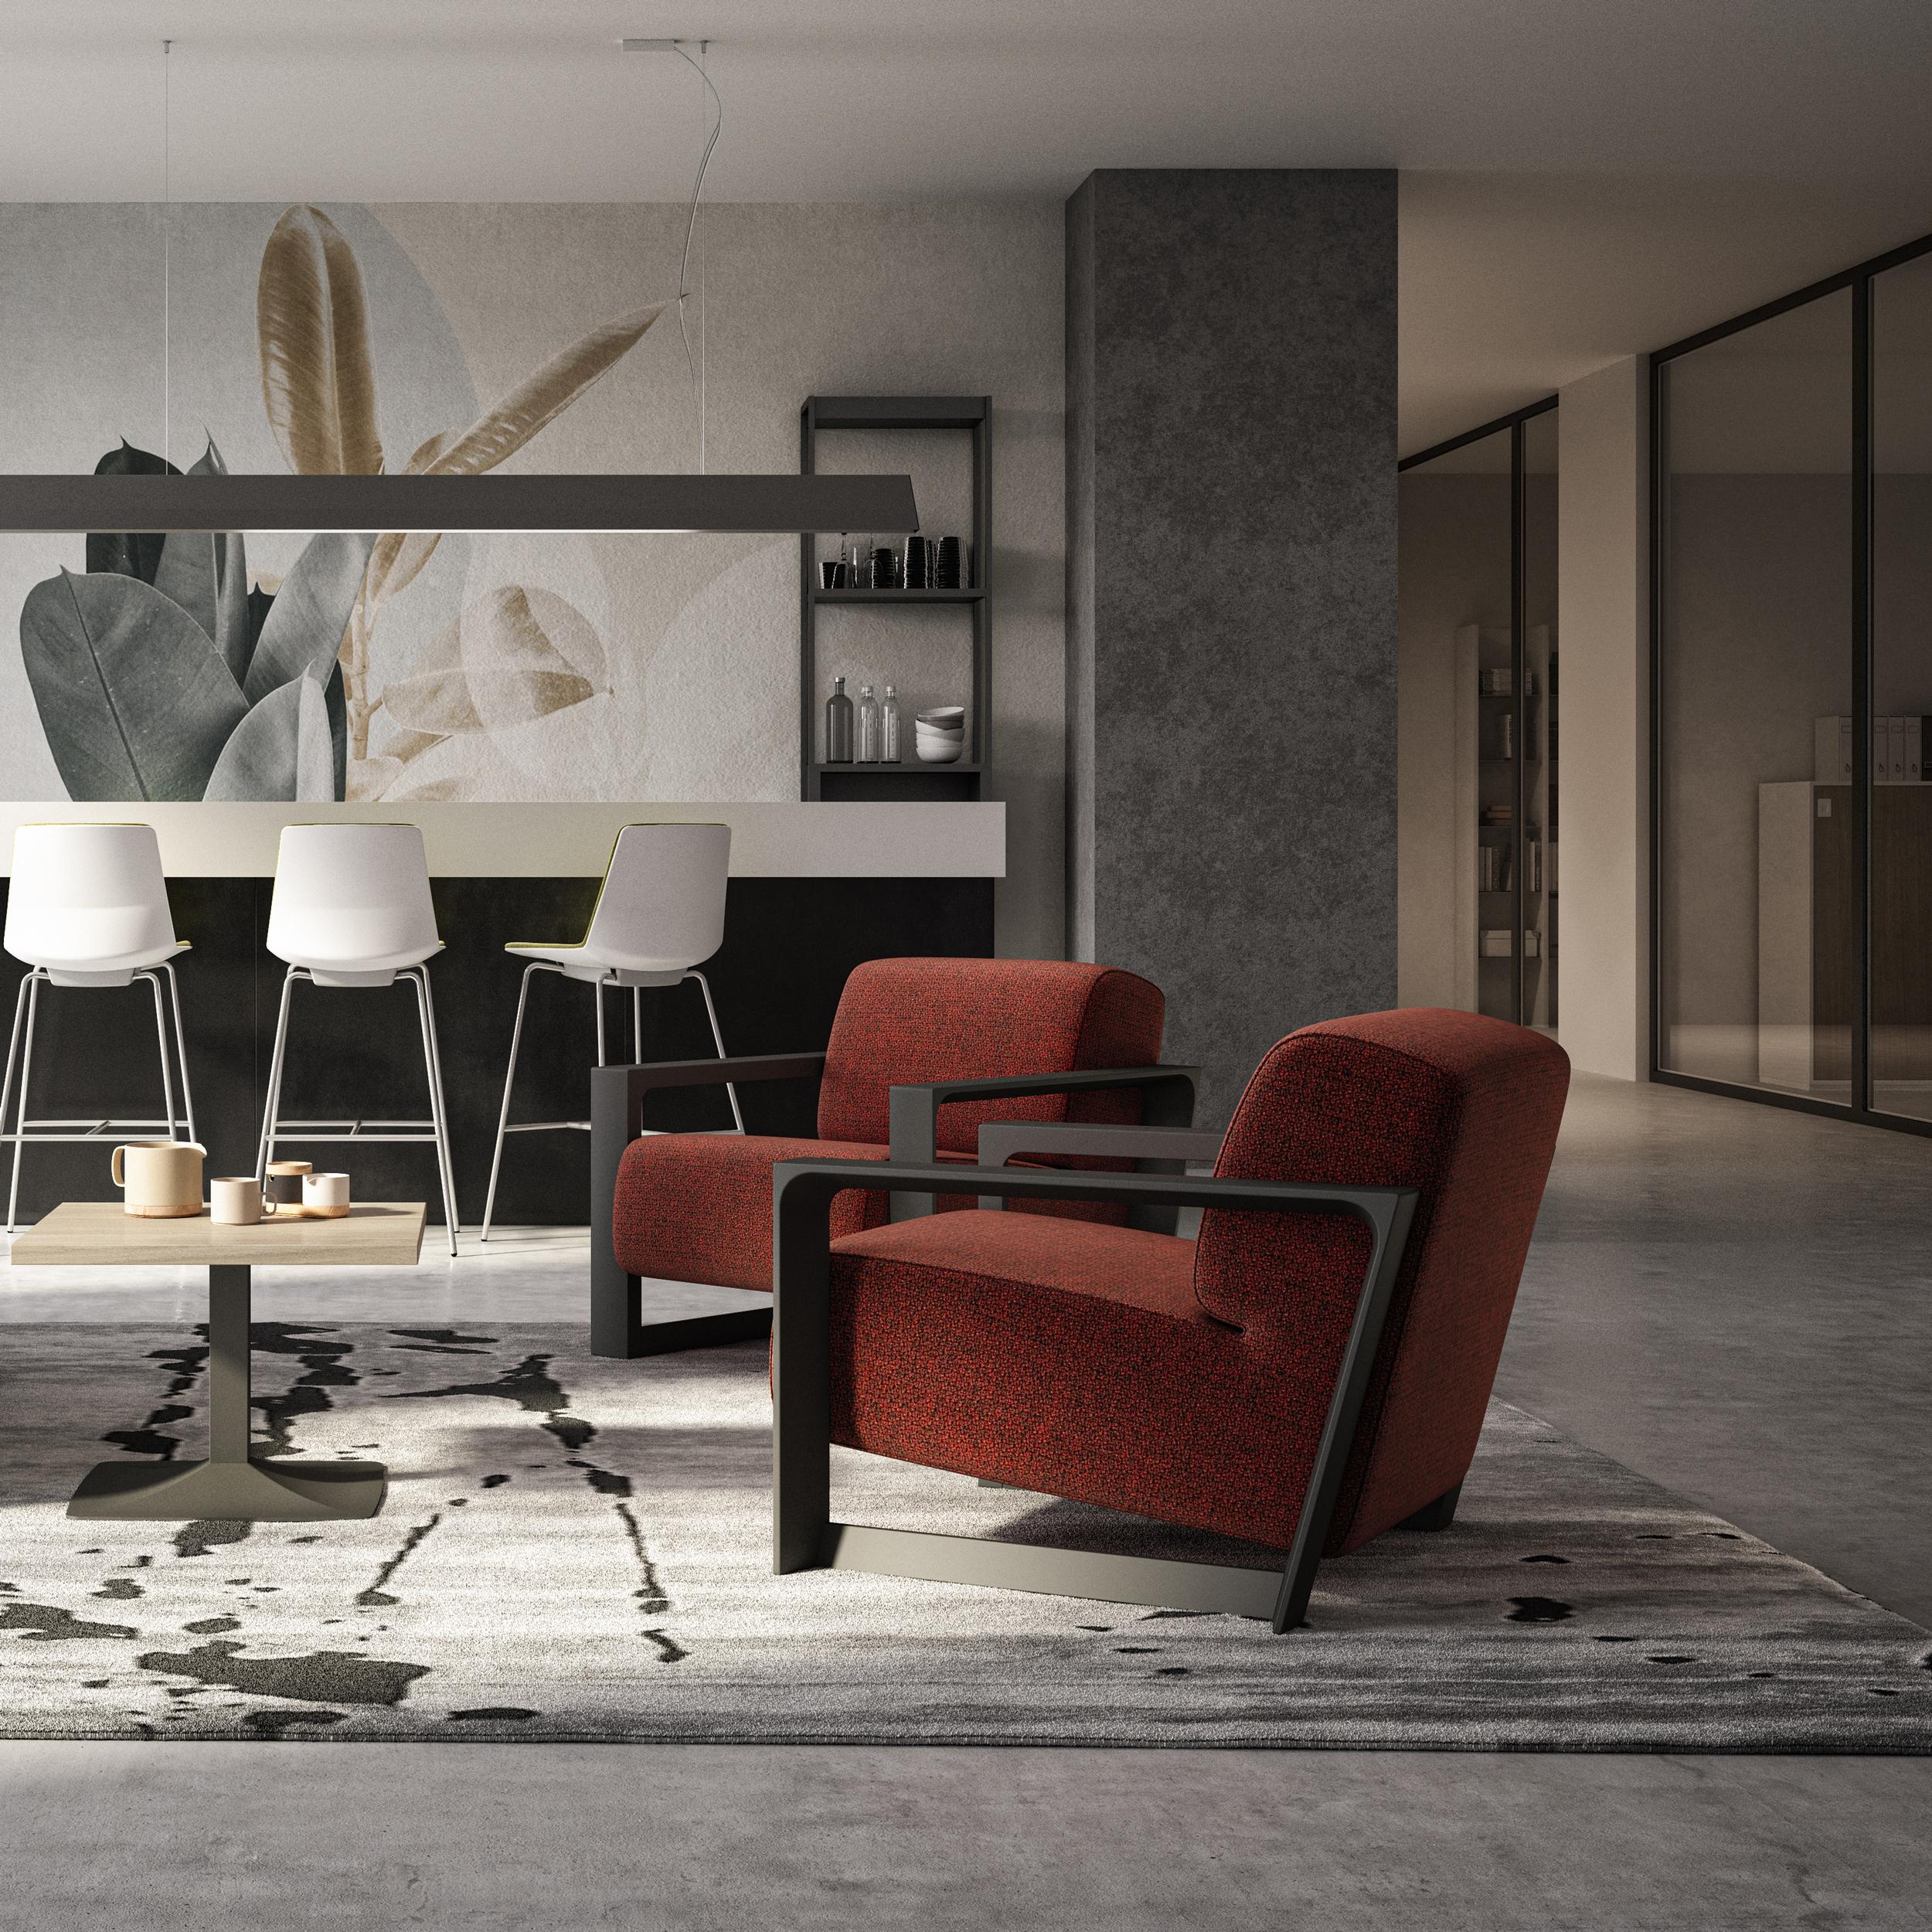 fauteuil-design-confortable-pied-bois